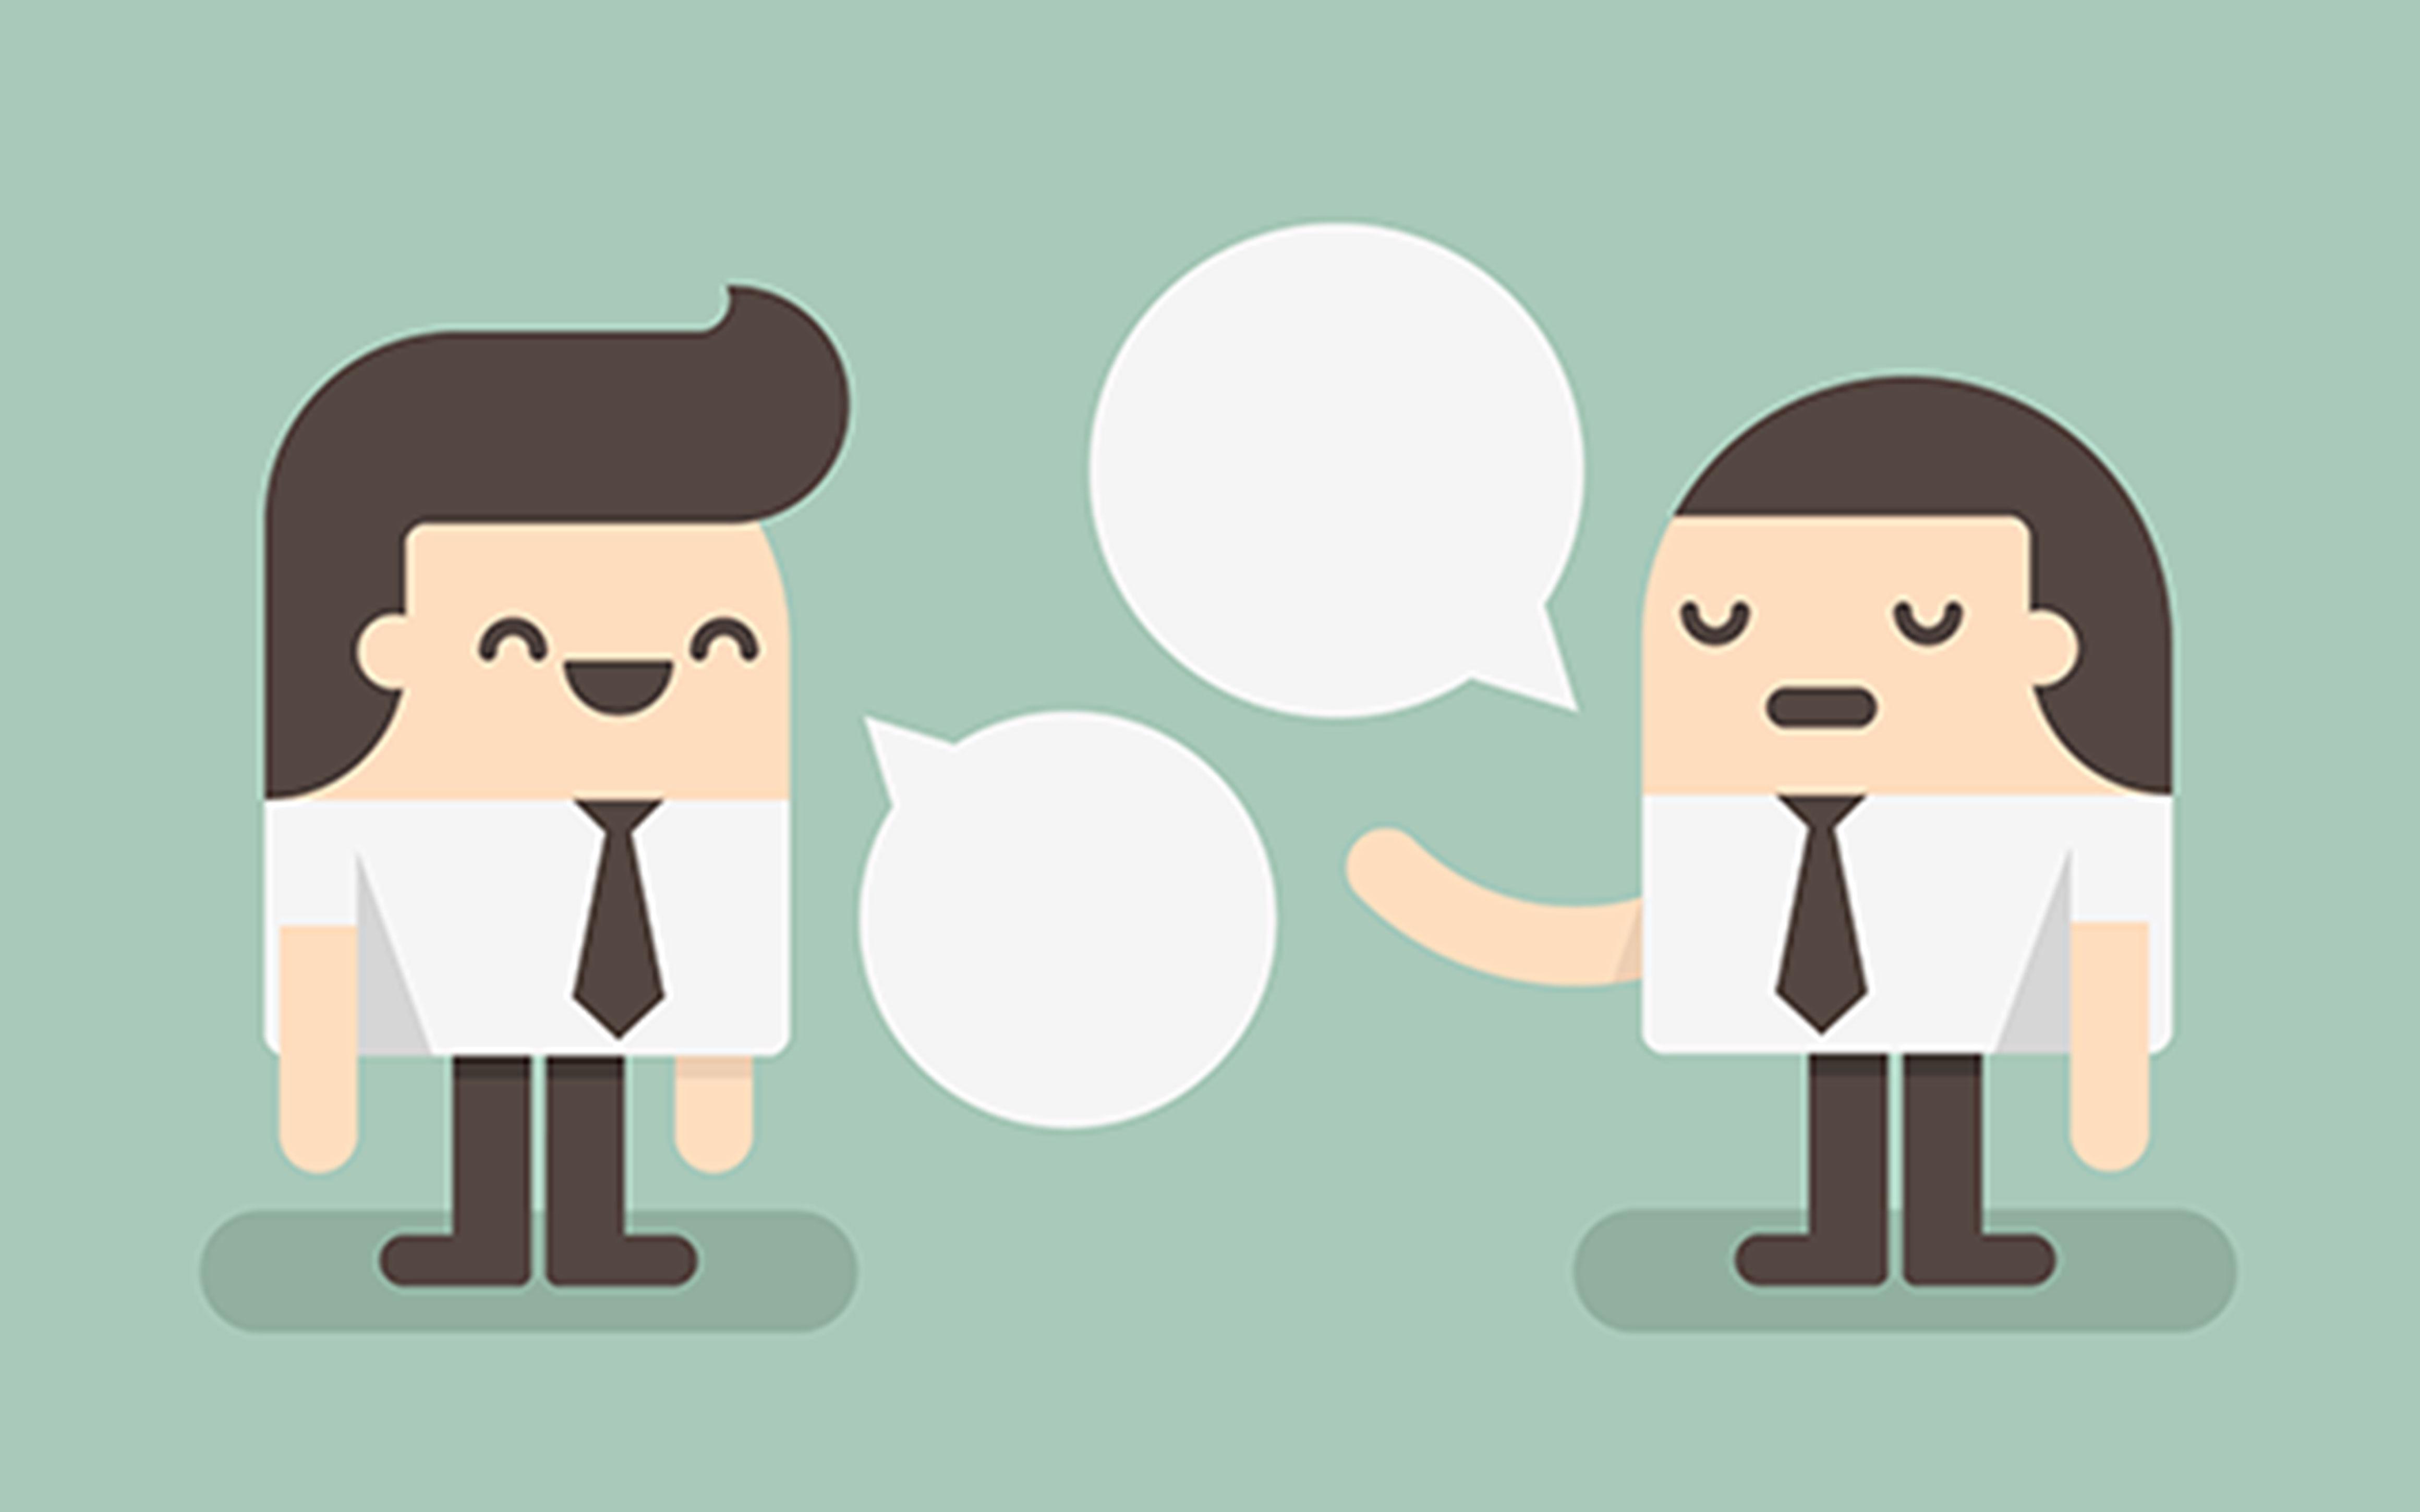 O que significa talks em inglês